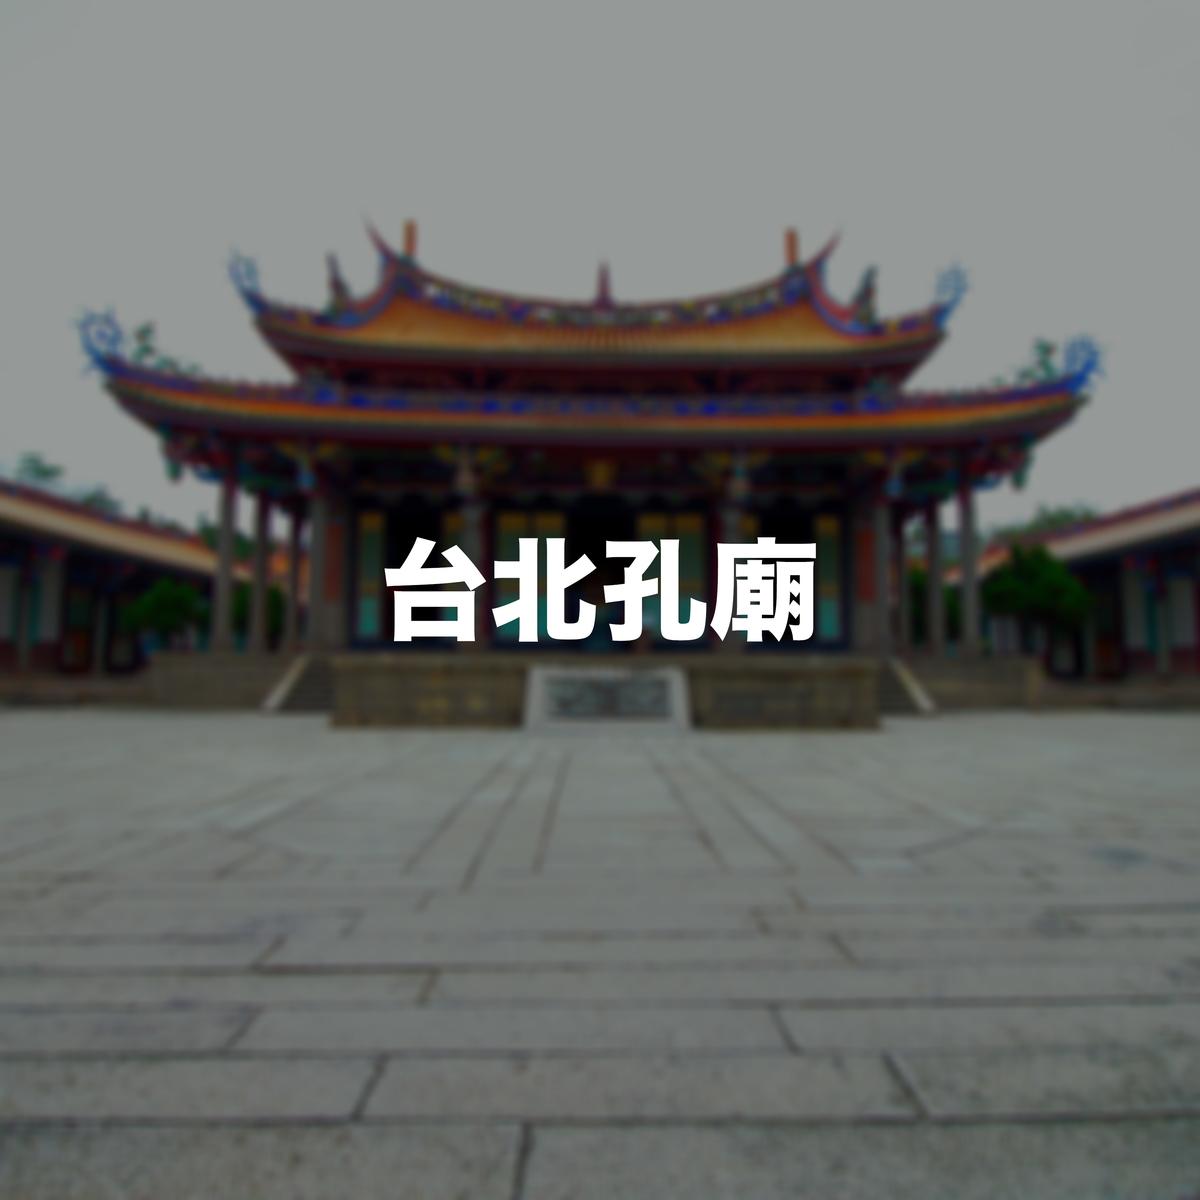 f:id:tidus_tabilog:20210902120330j:plain